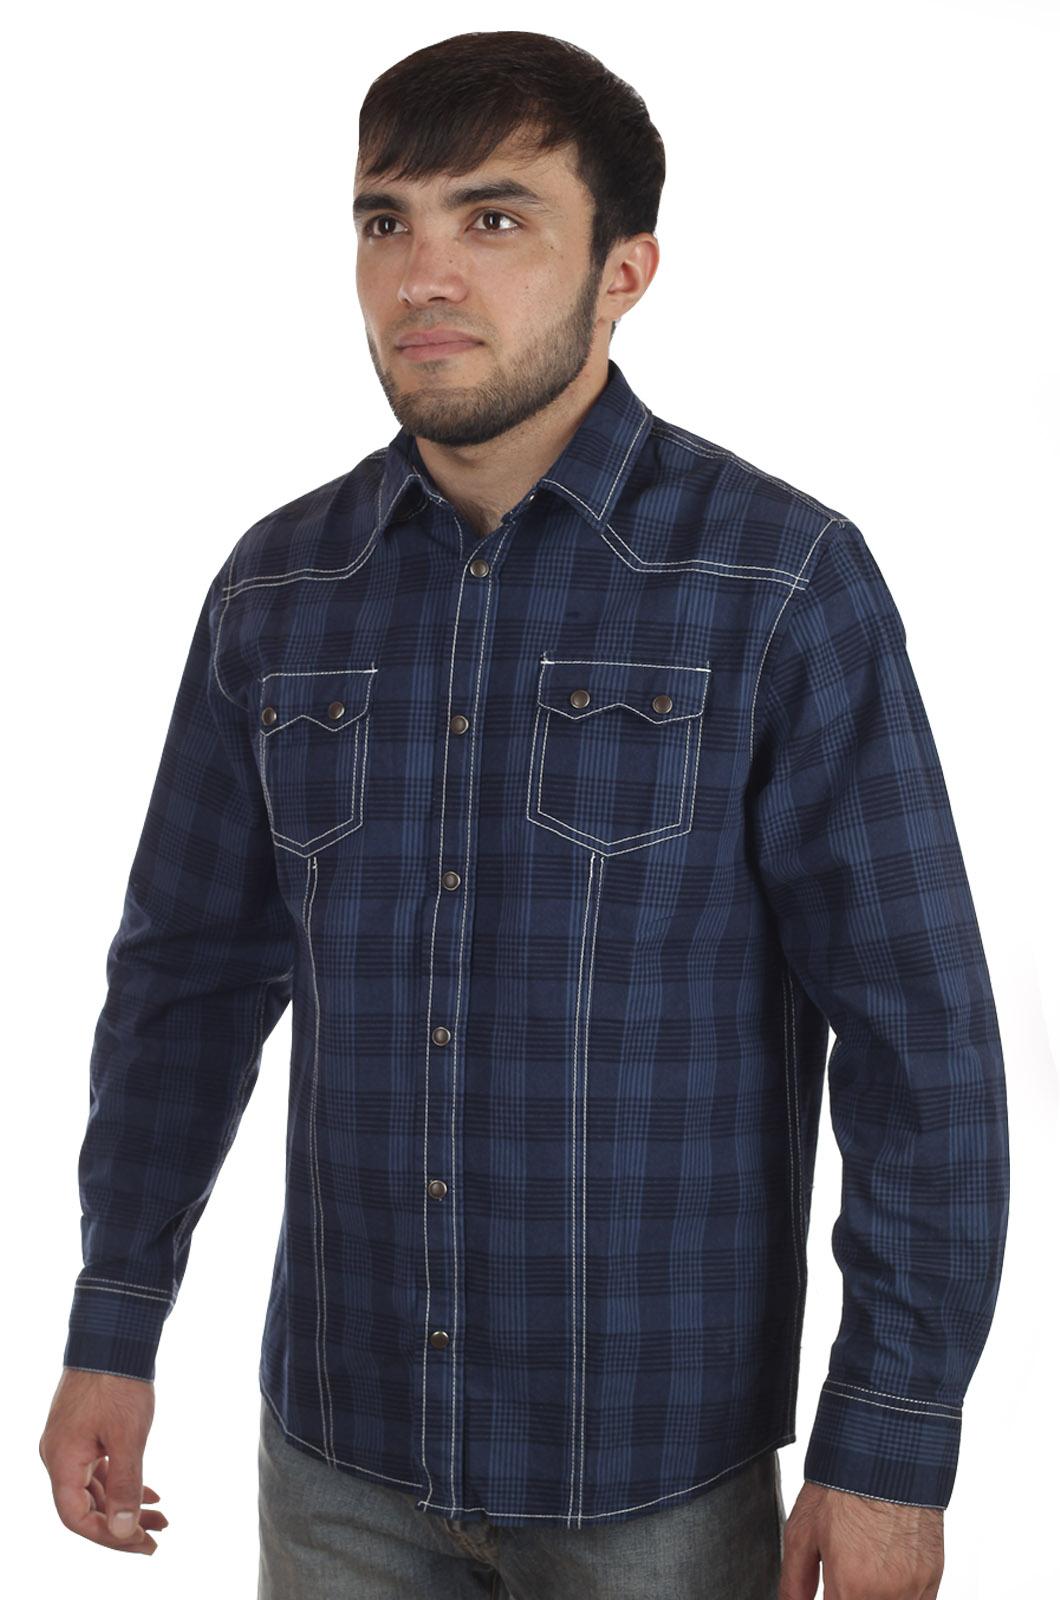 Онлайн магазин мужских рубашек предлагает последние новинки сезона от ТМ John Baner